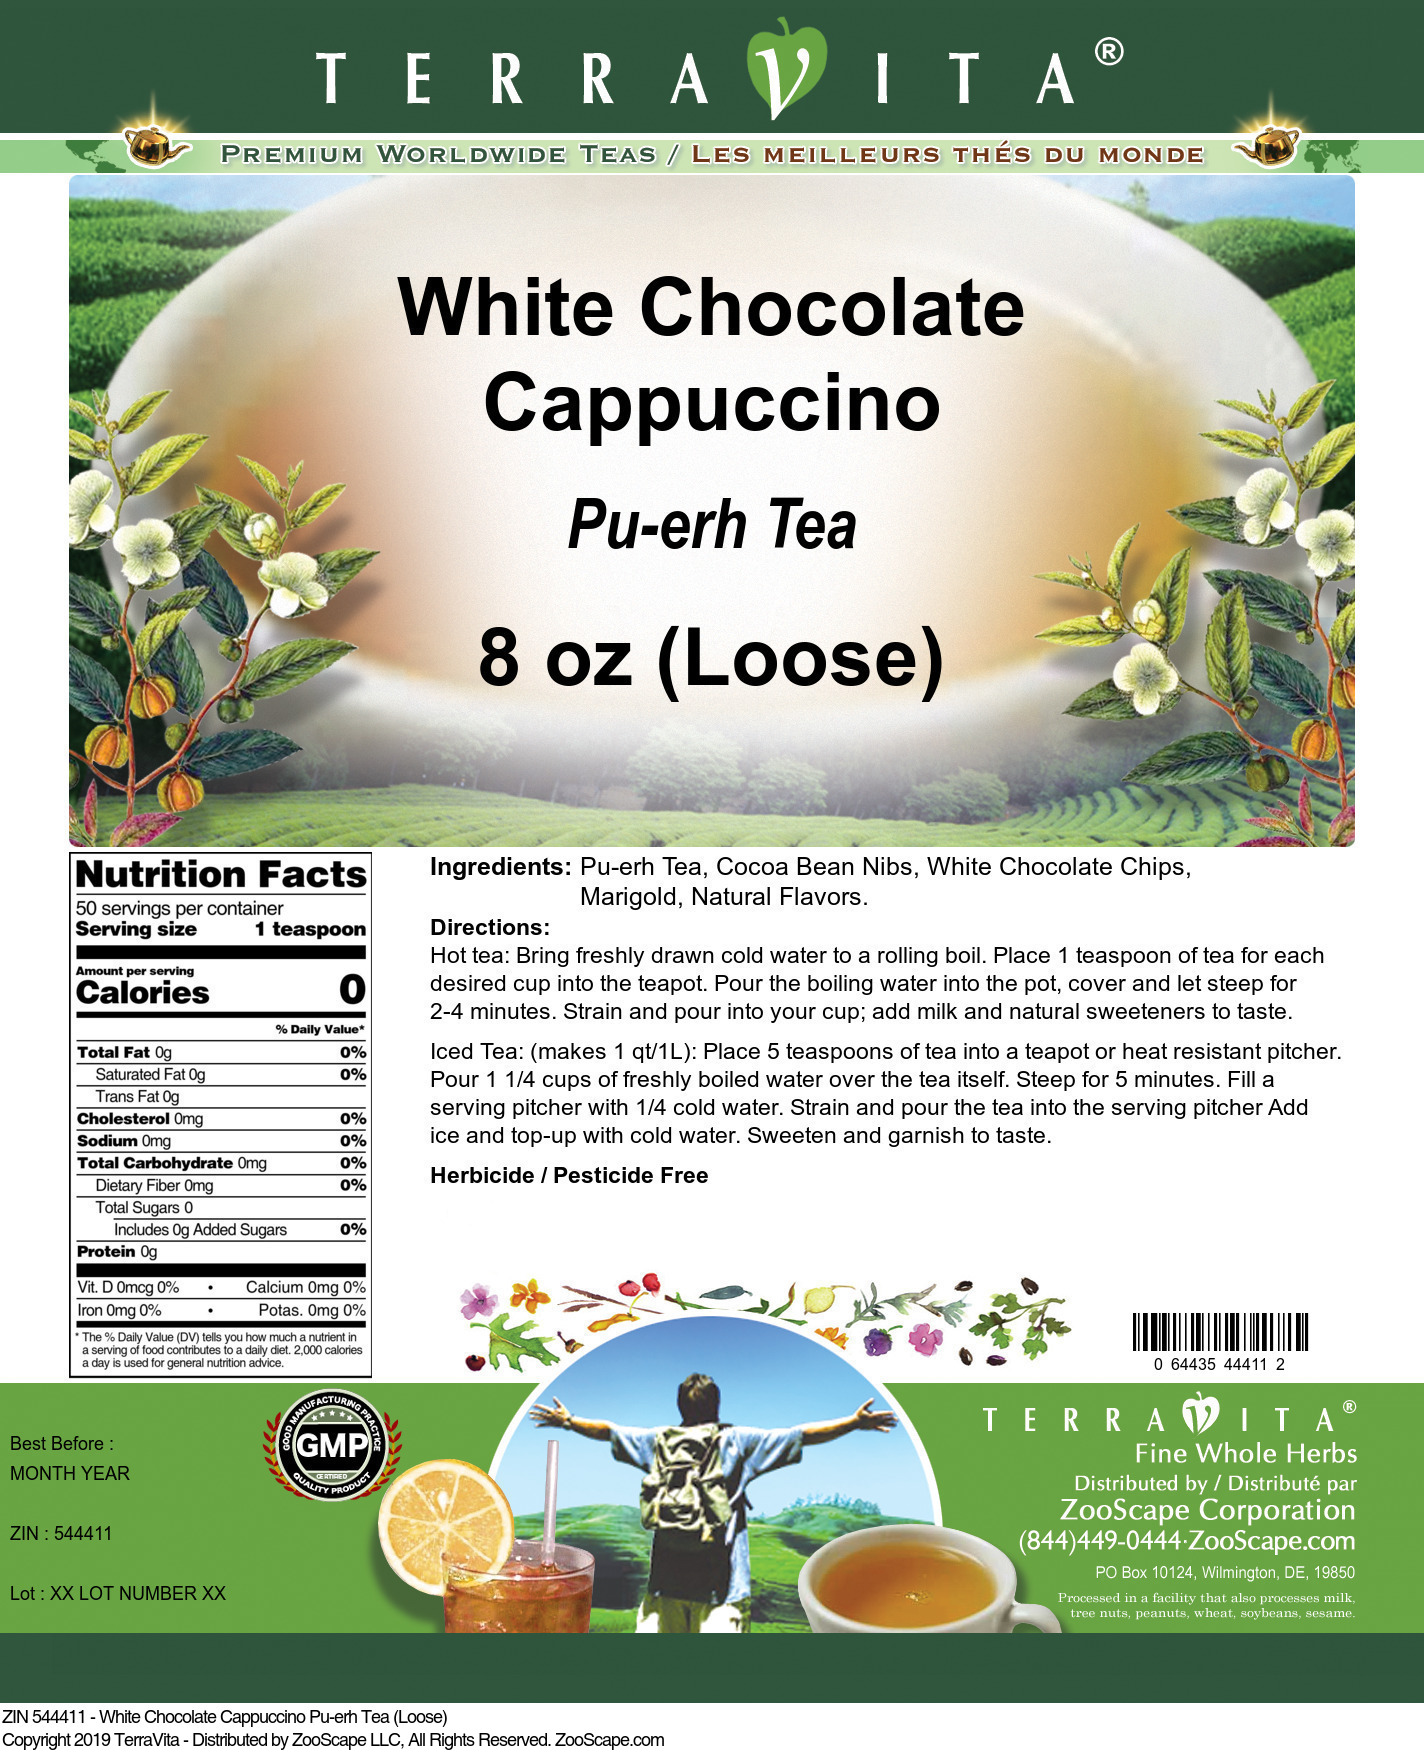 White Chocolate Cappuccino Pu-erh Tea